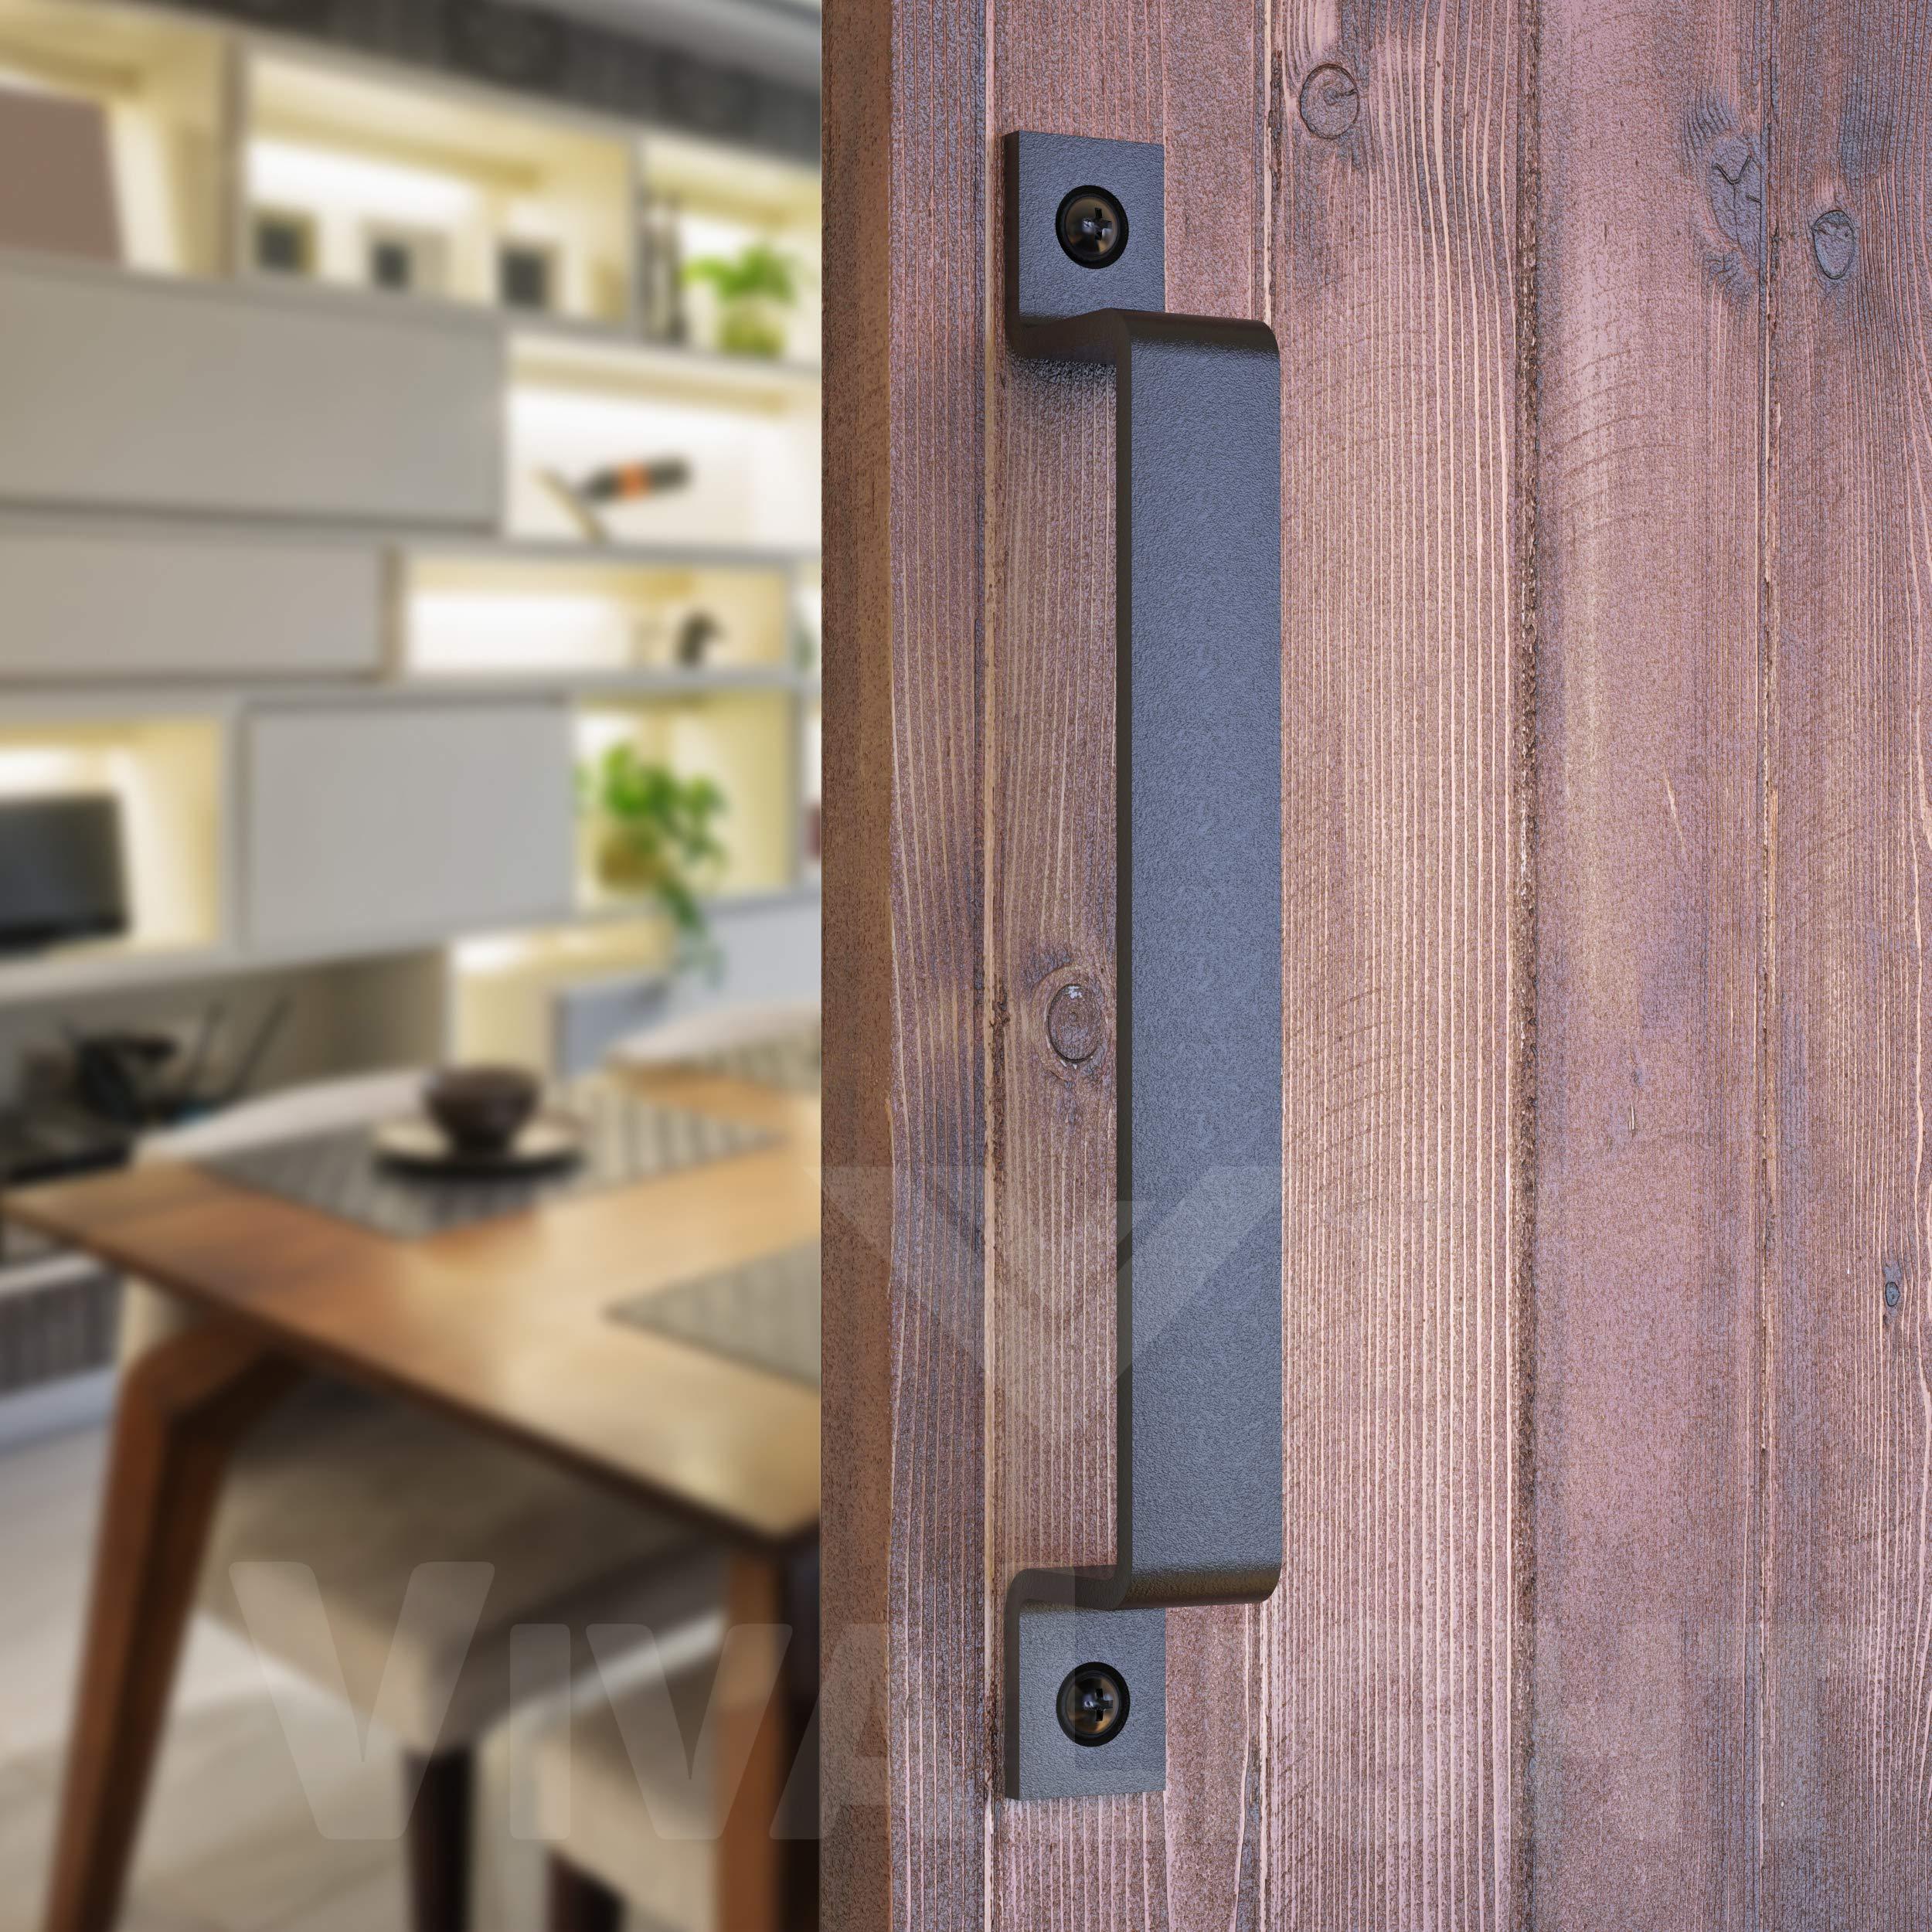 Barn Door Handle Black 10 inch Solid Steel Gate Handle Pull for Sliding Barn Doors Gates Garages Sheds